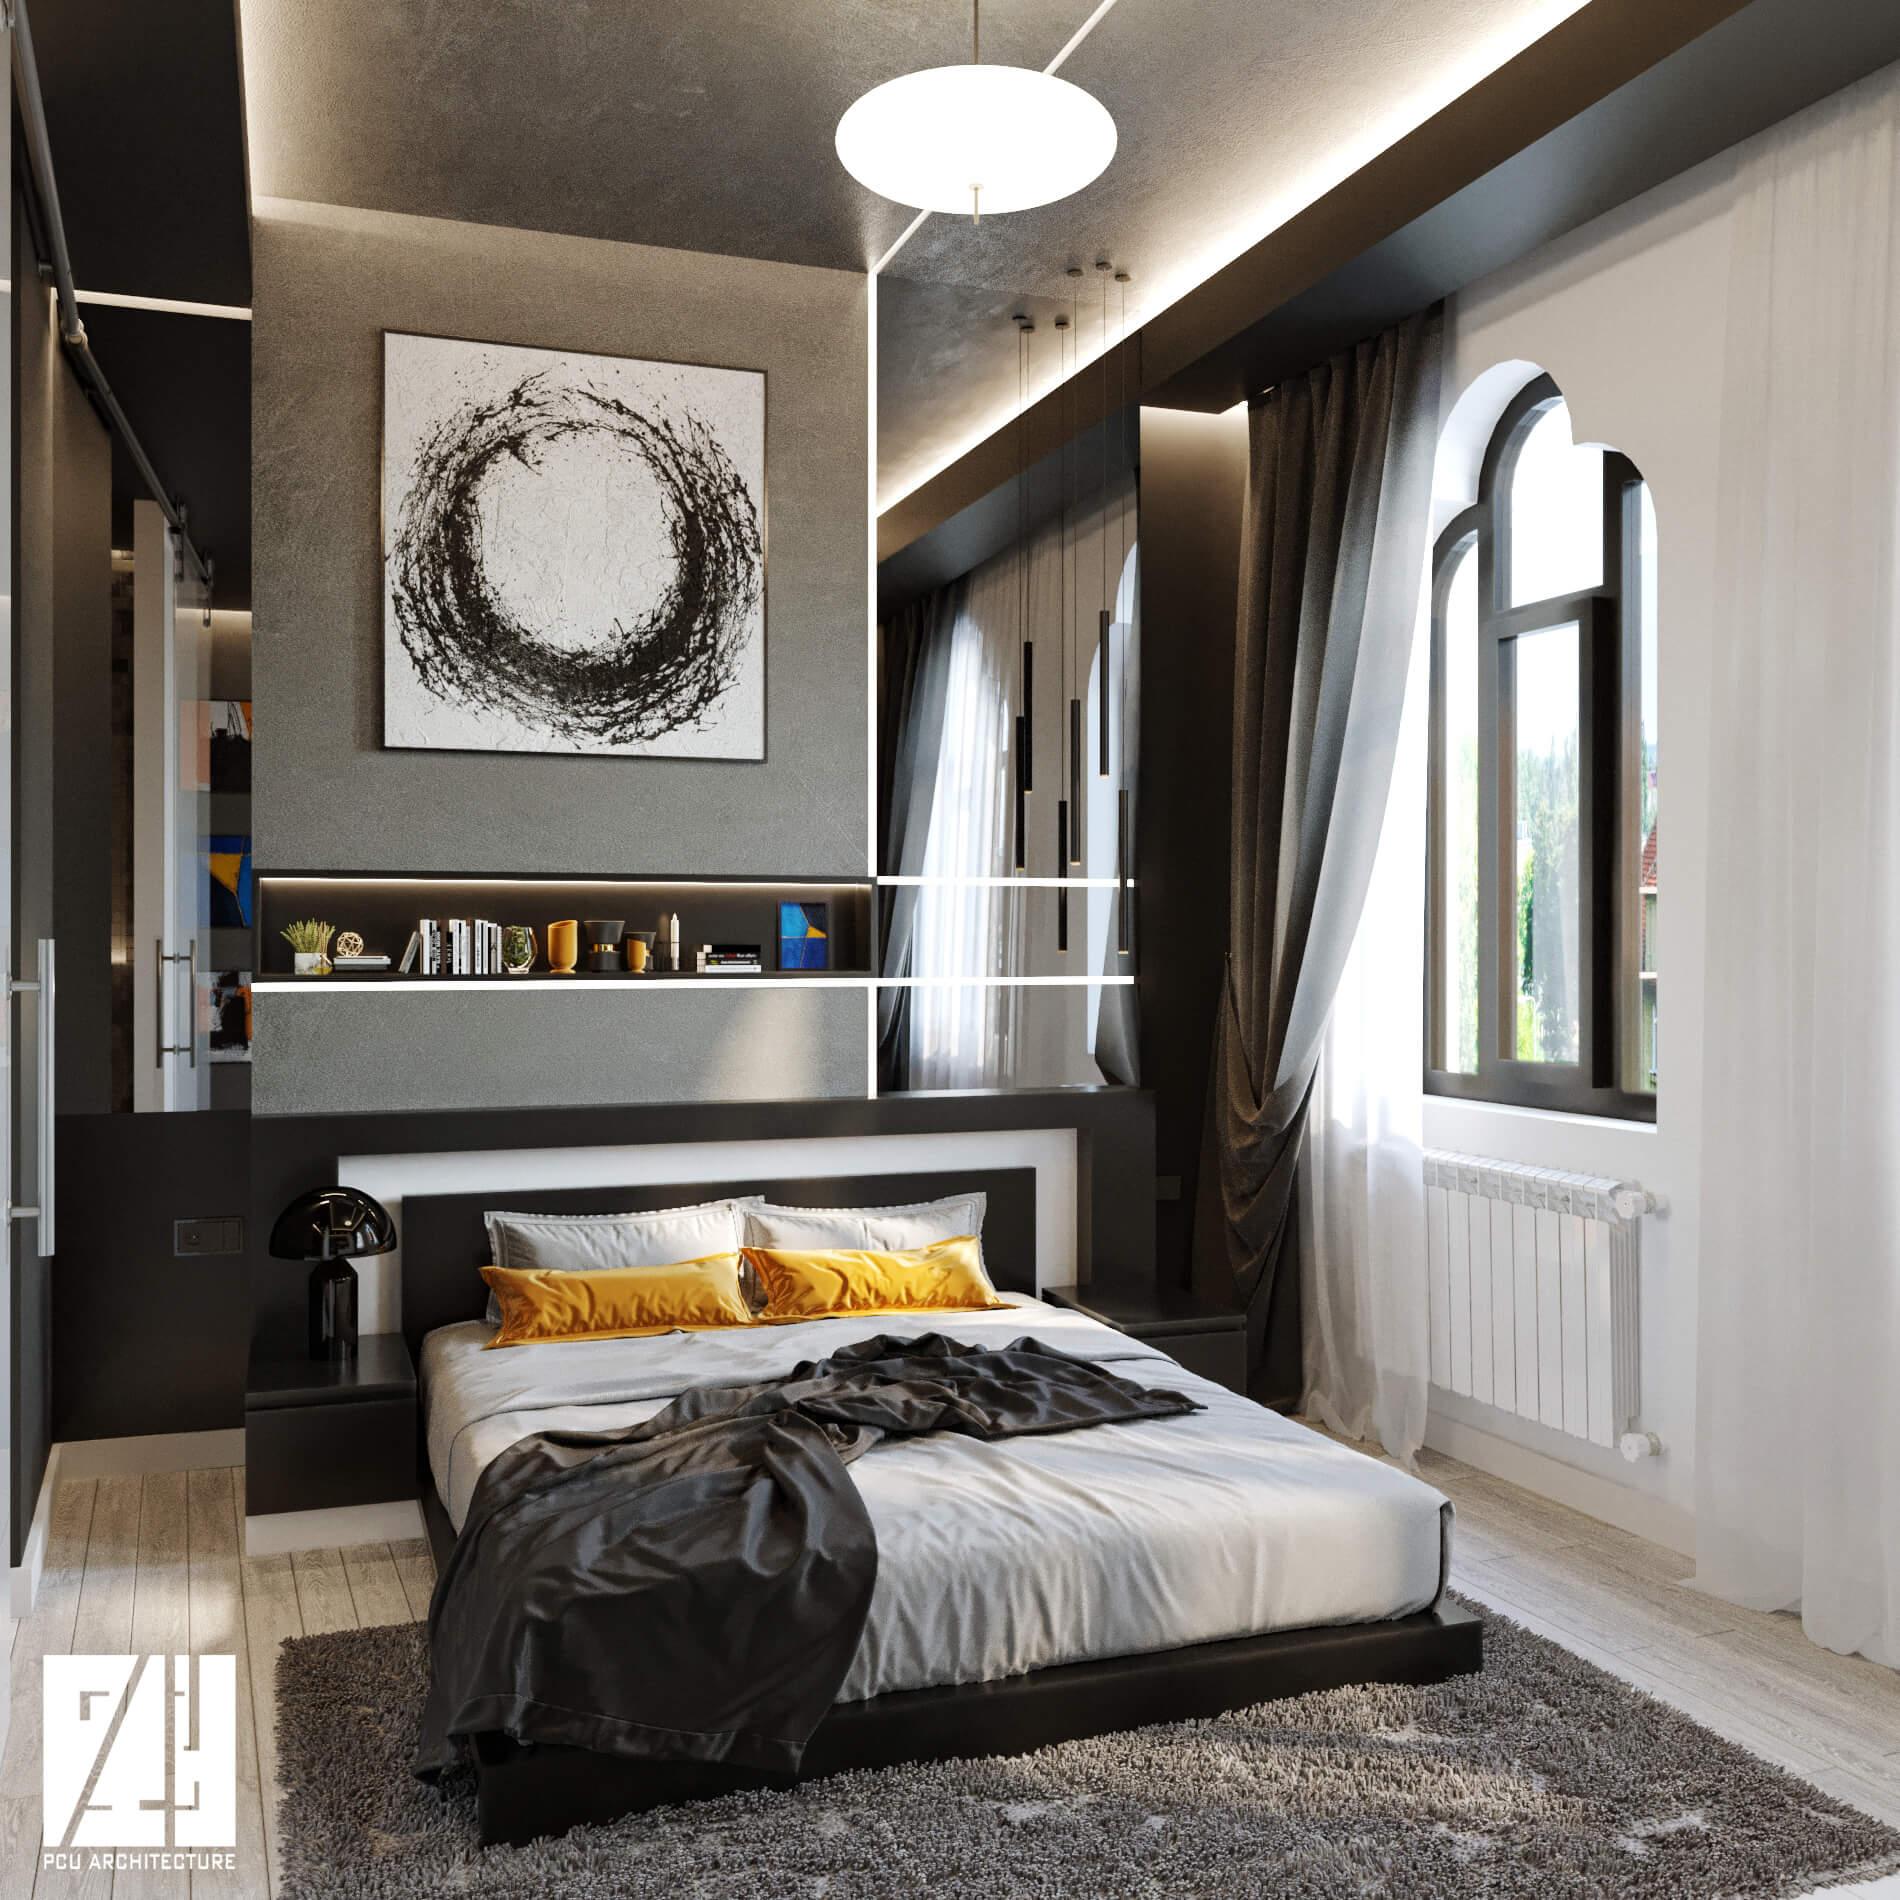 02_DI_APARTAMENT 2_Dormitor_1